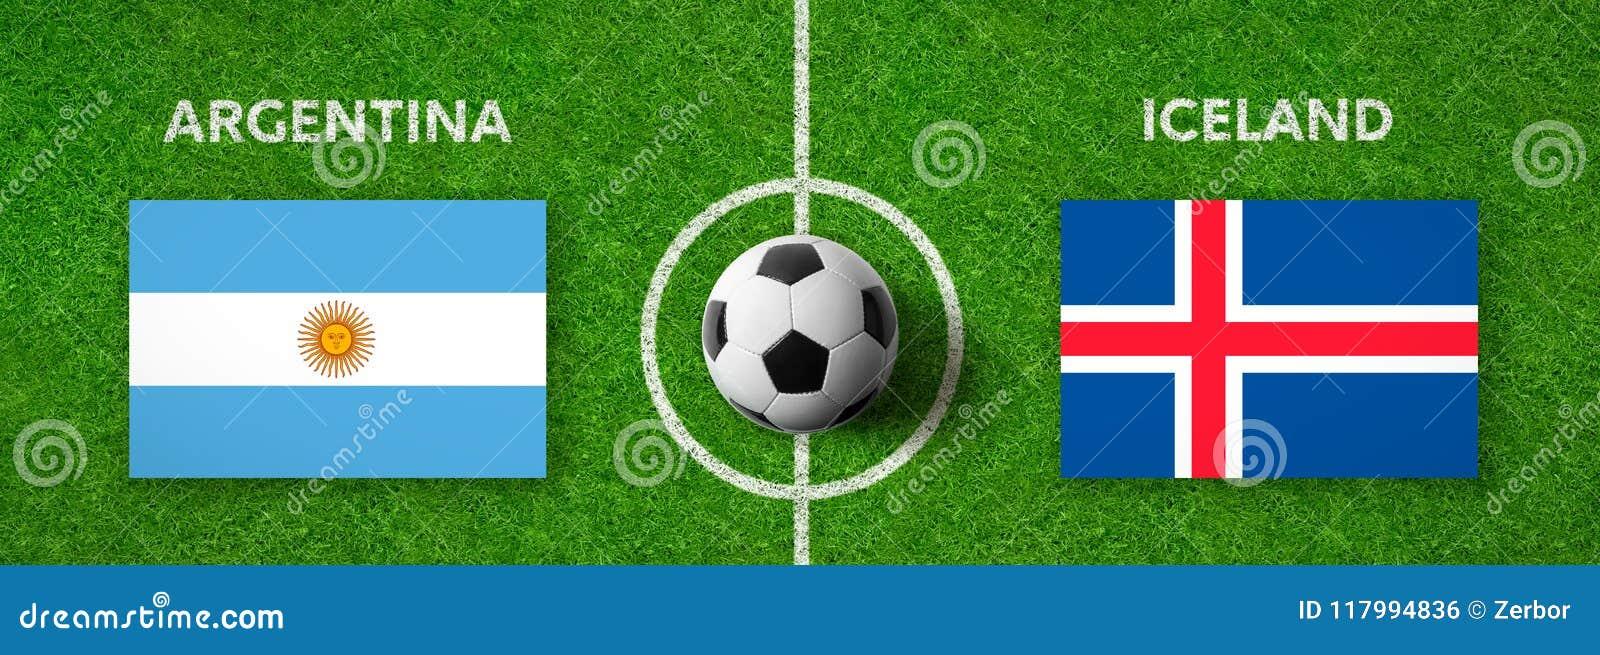 Voetbalwedstrijd Argentinië versus ijsland